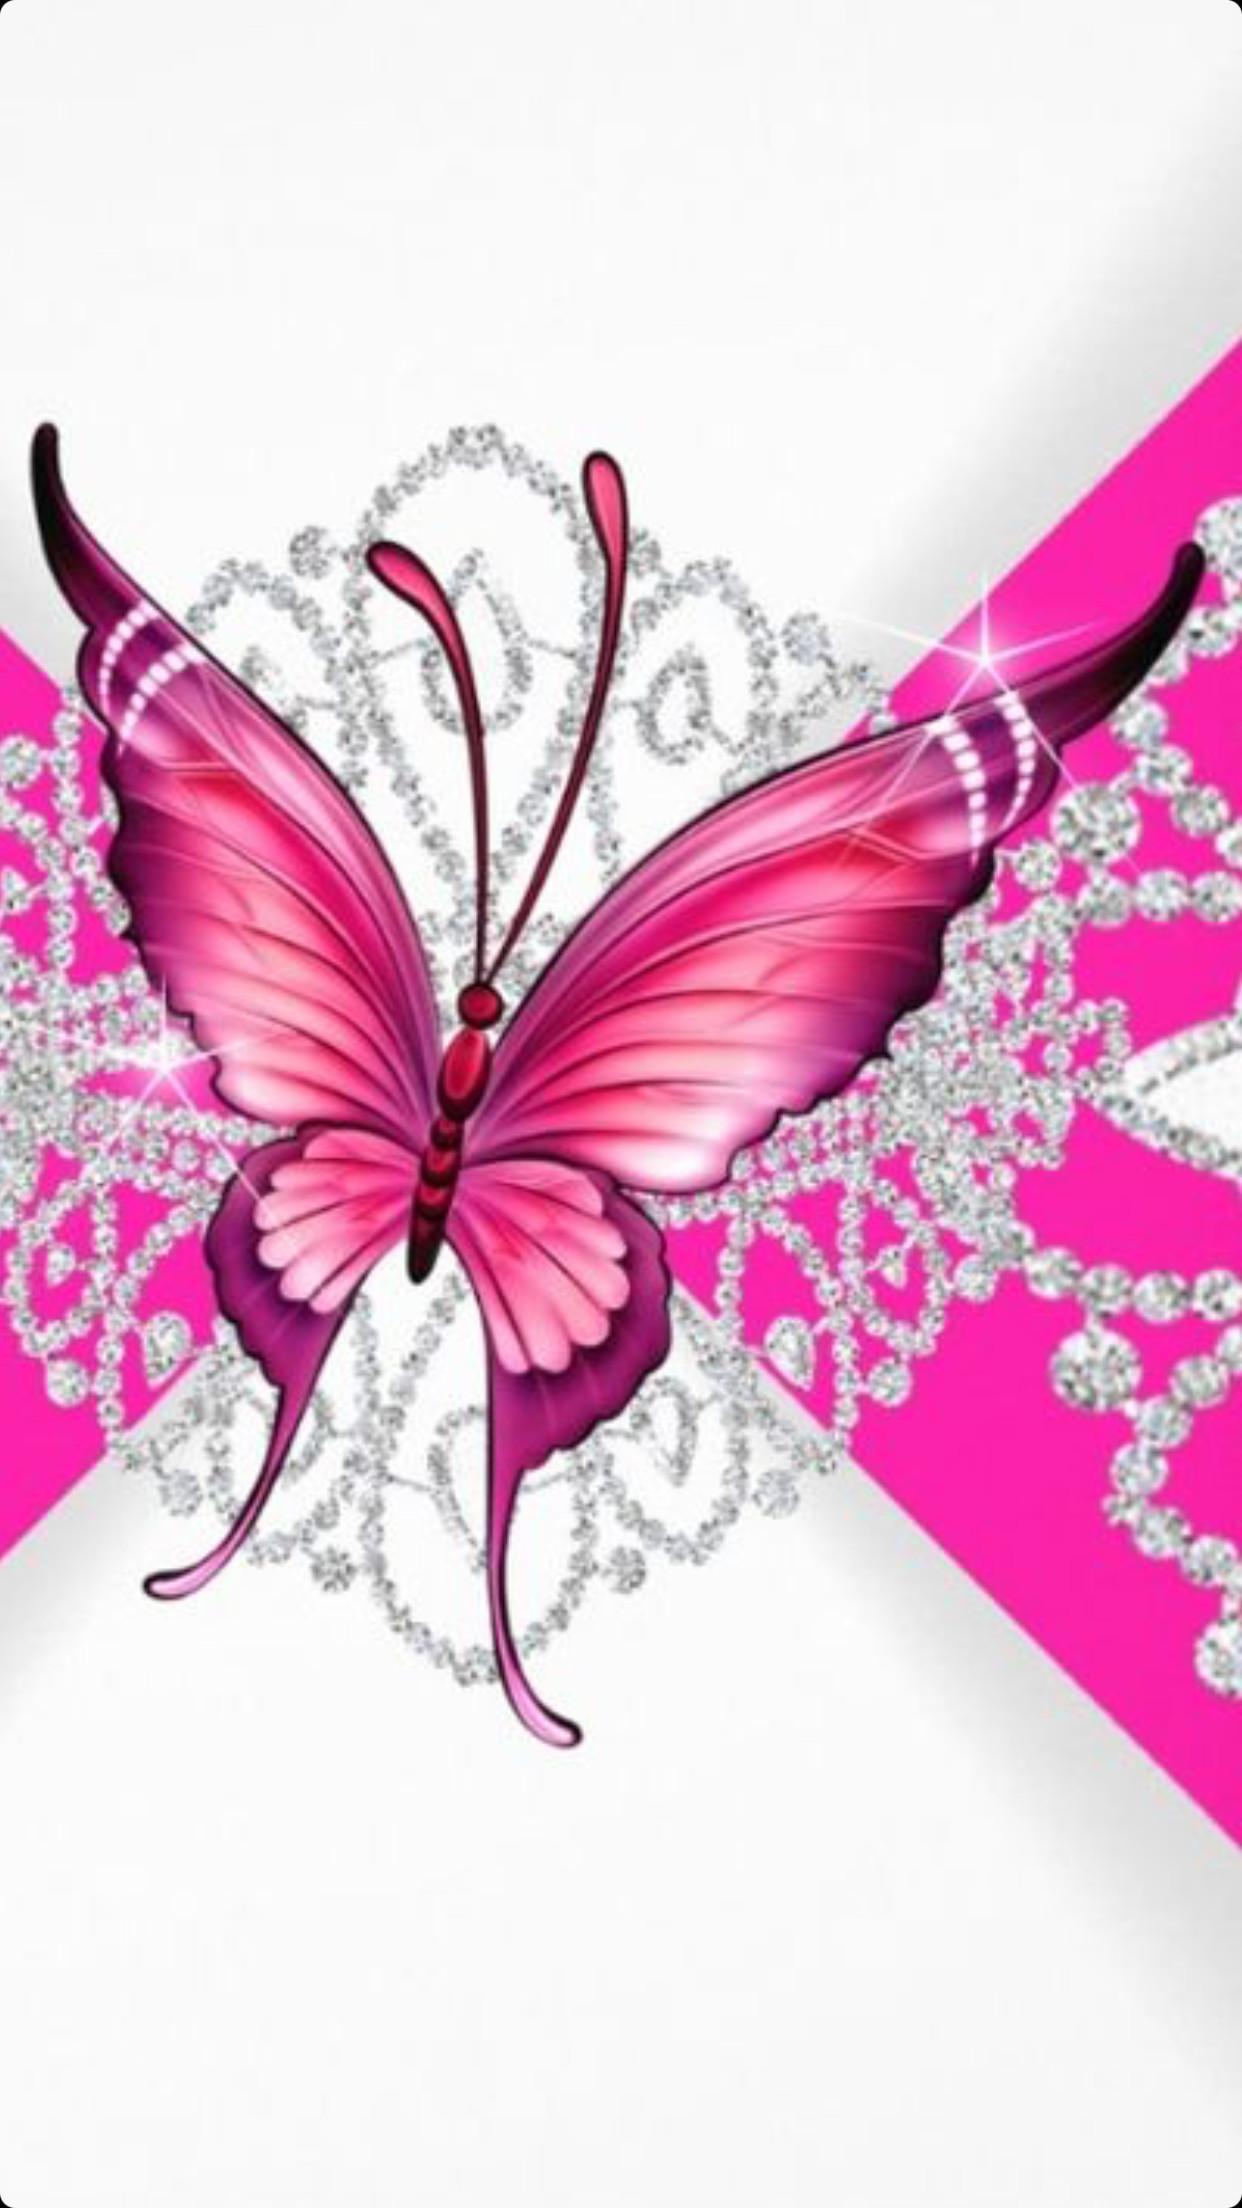 8271d4e8d276a41b09d1f375eb2bea6a.png (1242×2208). Butterfly WallpaperPink  …